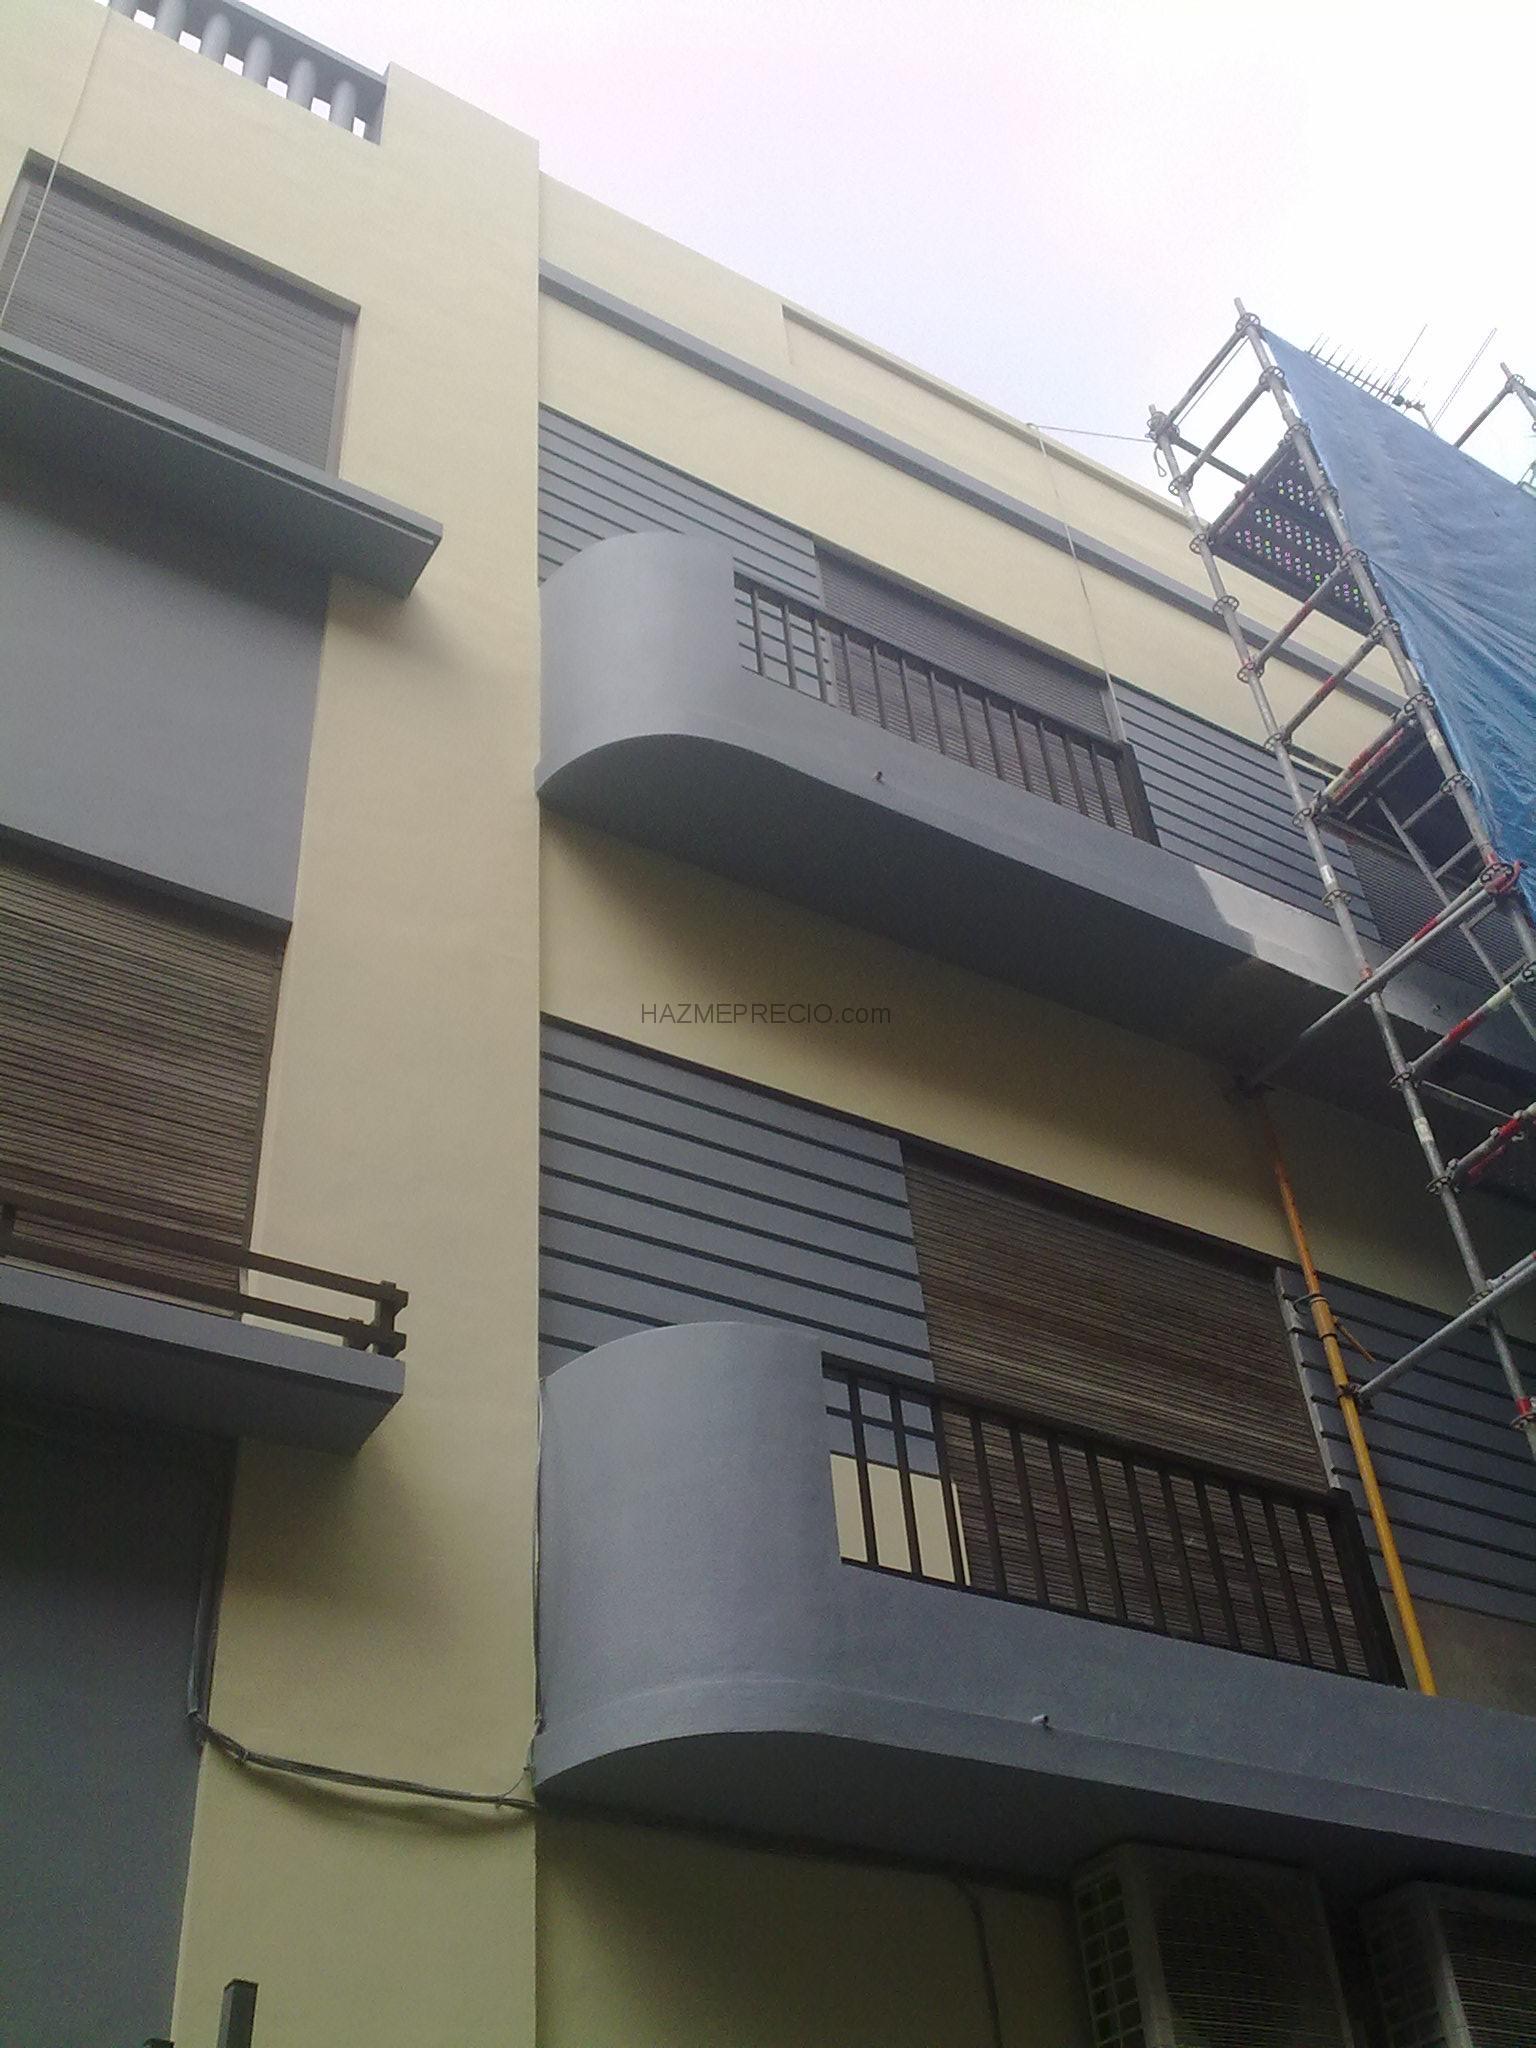 Images barandas balcones para terrazas balcon portal - Barandas de terrazas ...